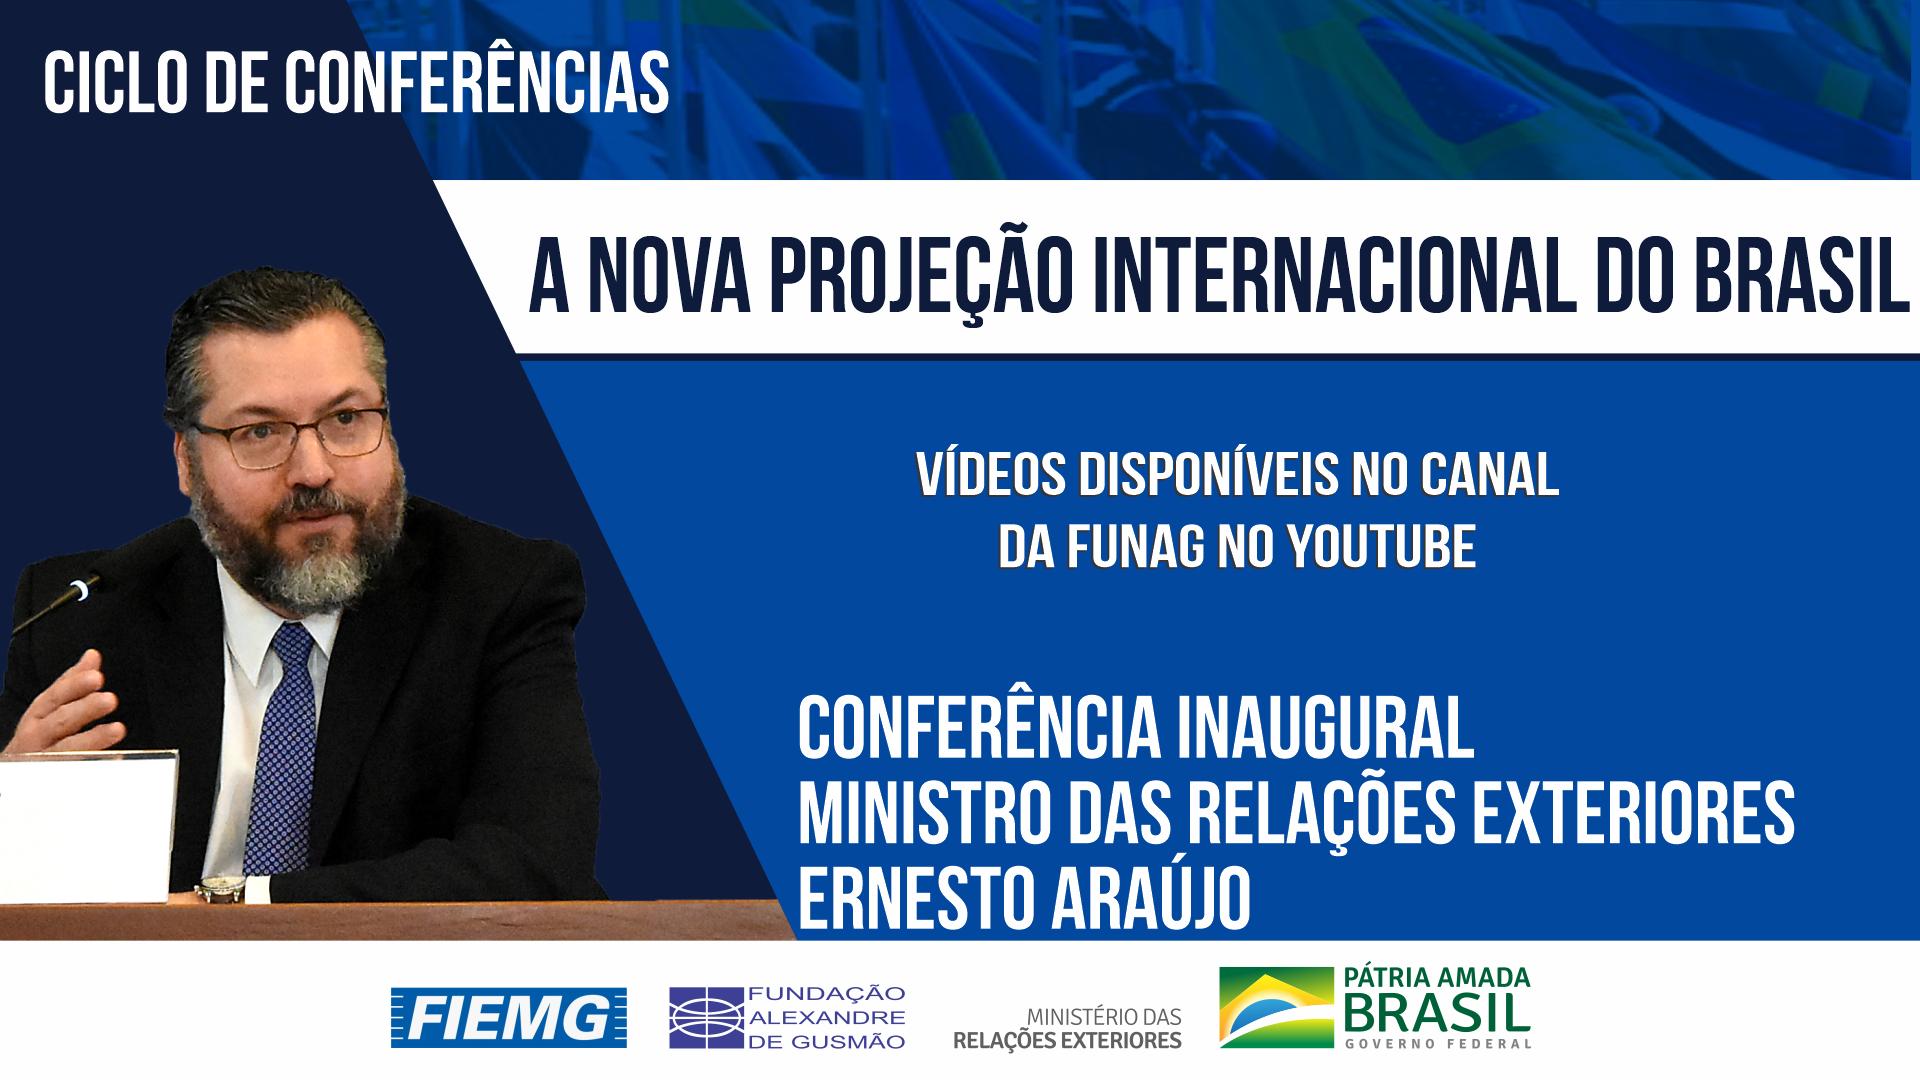 Assista aos vídeos da conferência do ministro das Relações Exteriores, embaixador Ernesto Araújo